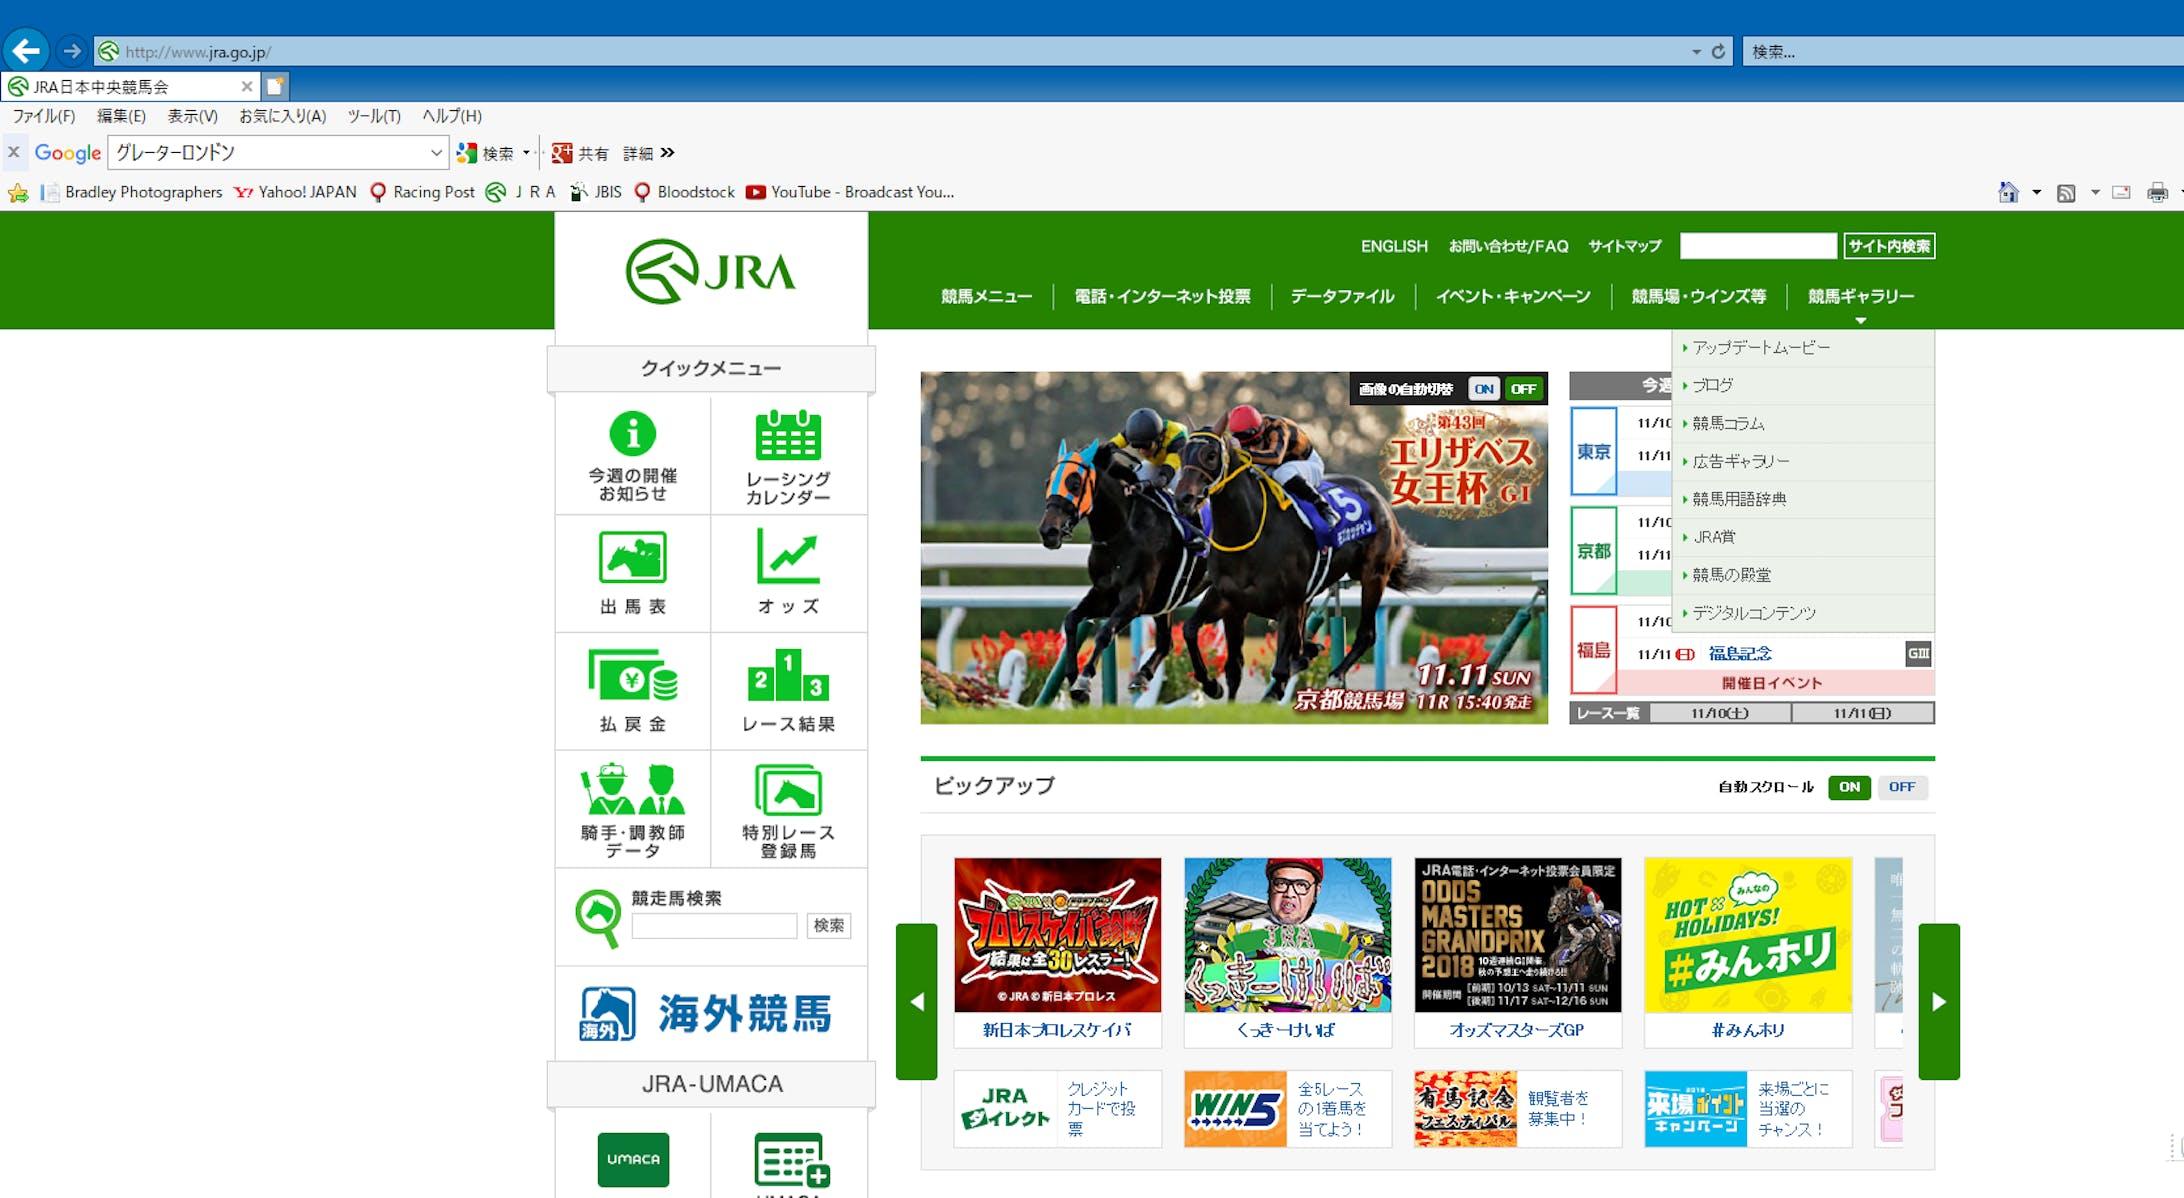 の ホームページ jra